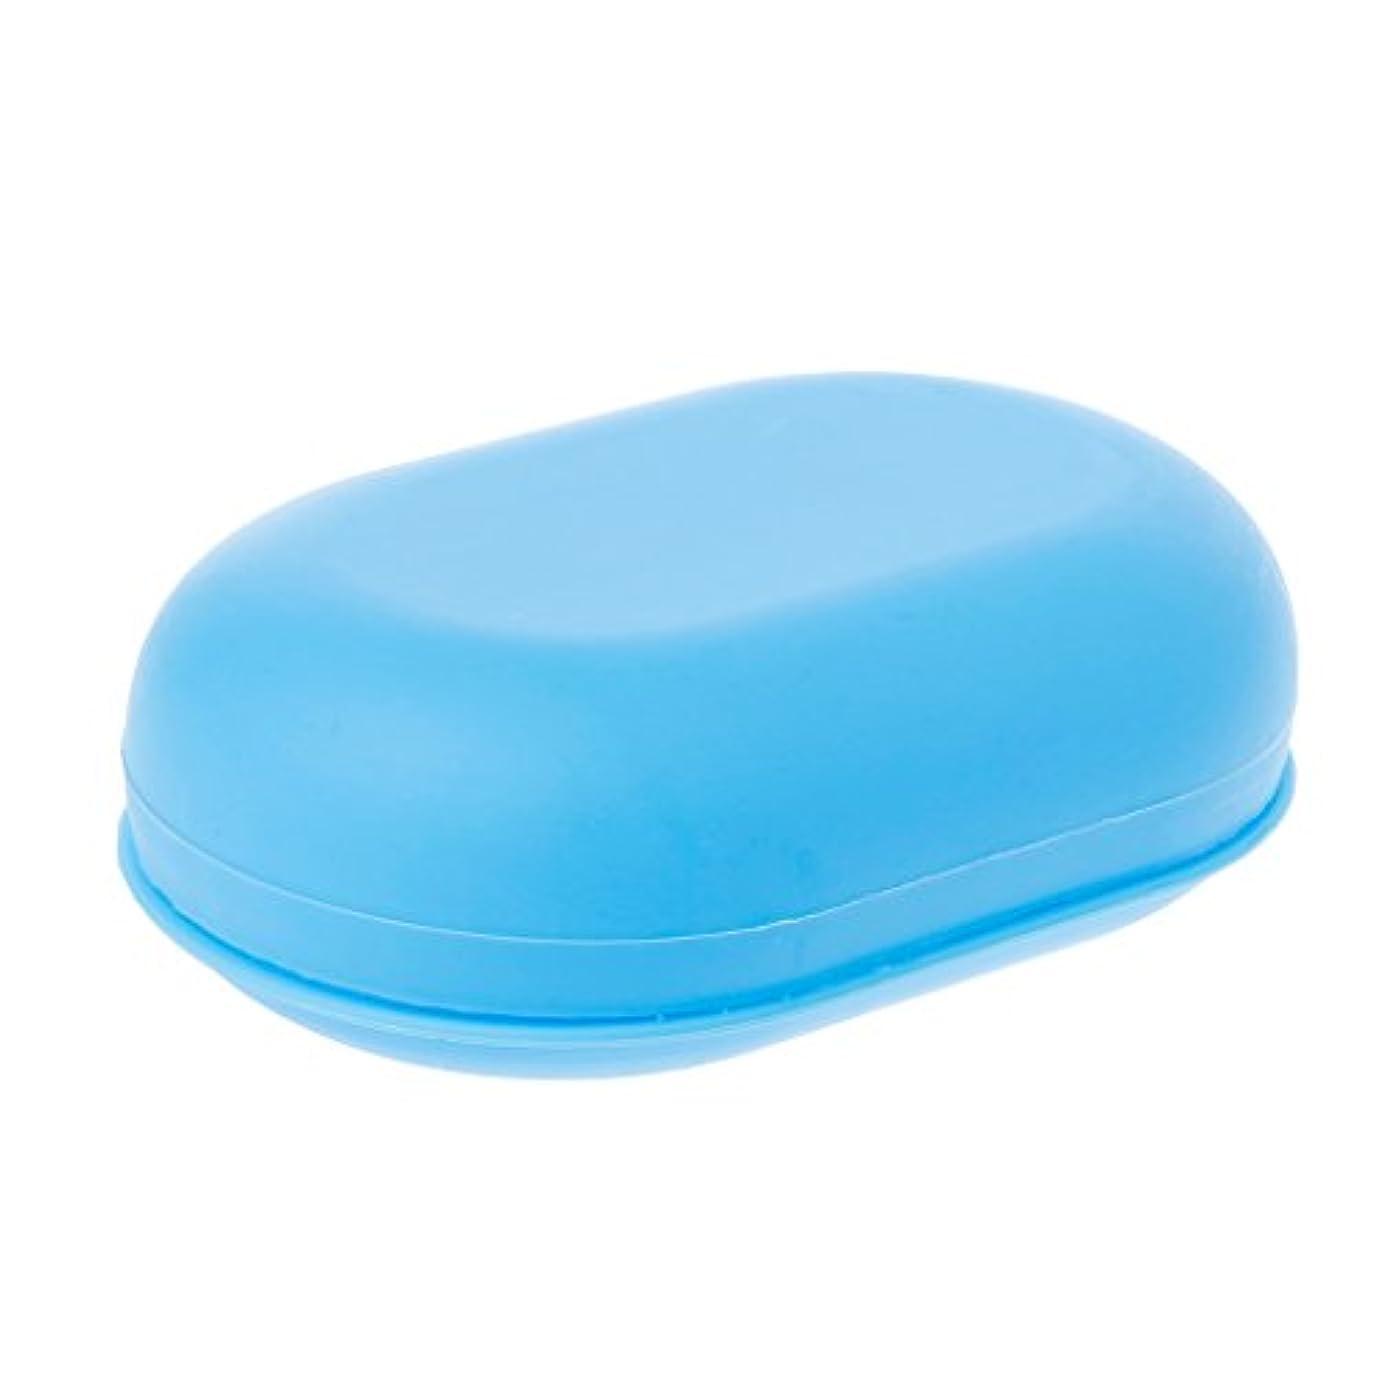 開業医酒取り出すLamdooポータブル旅行ホーム浴室のシャワーソープボックスプレート皿ホルダーケースコンテナブルー